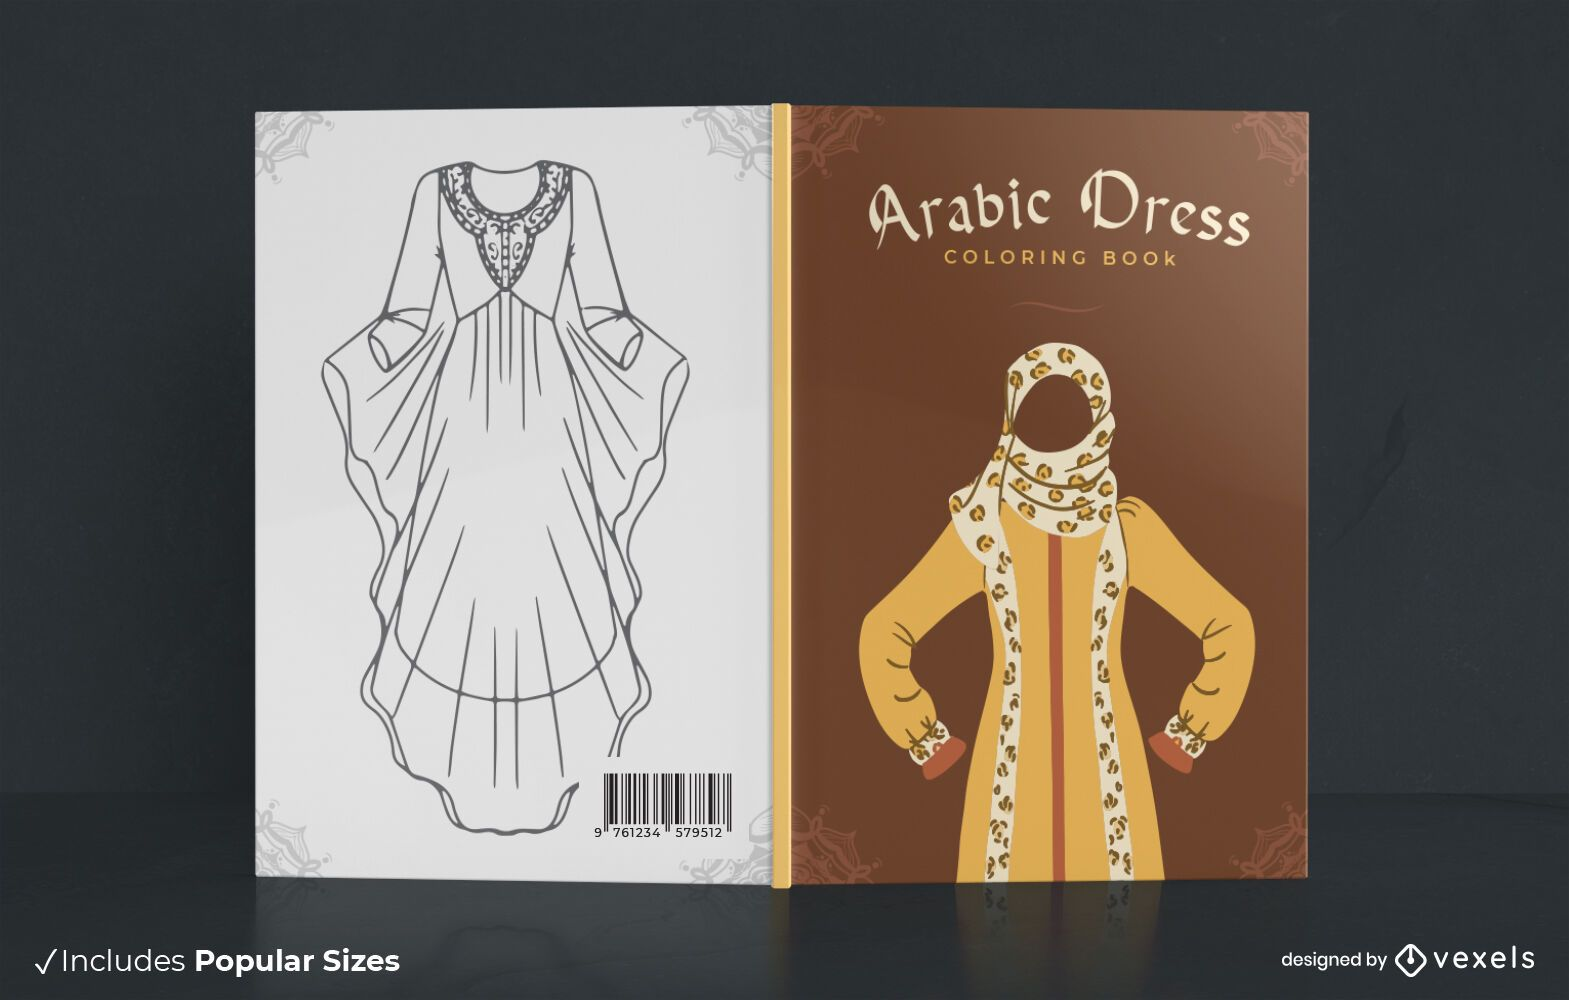 Dise?o de portada de libro de colorear de vestido ?rabe